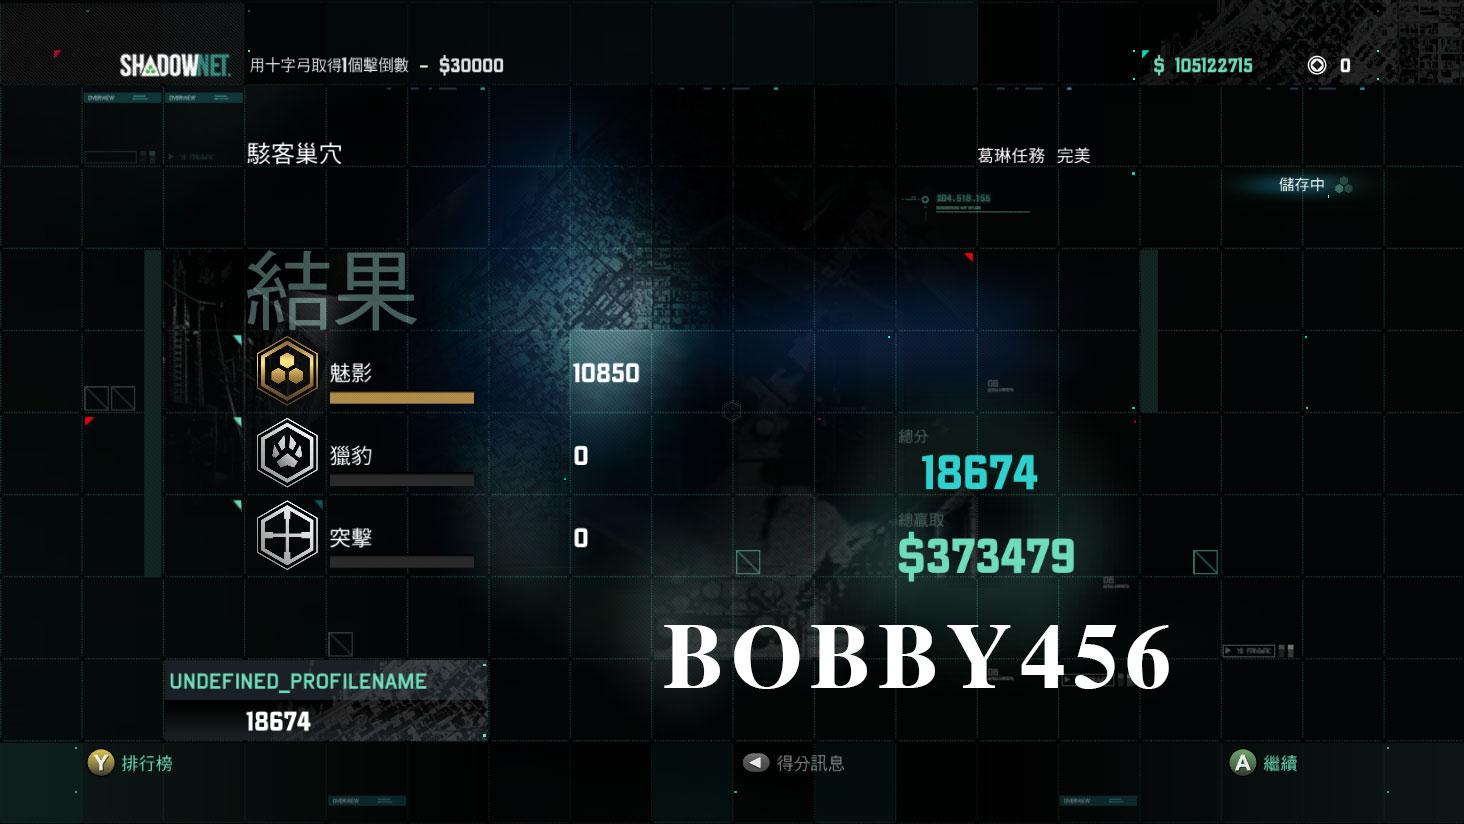 Blacklist_DX11_game-2013-09-03-20-31-24-64.jpg